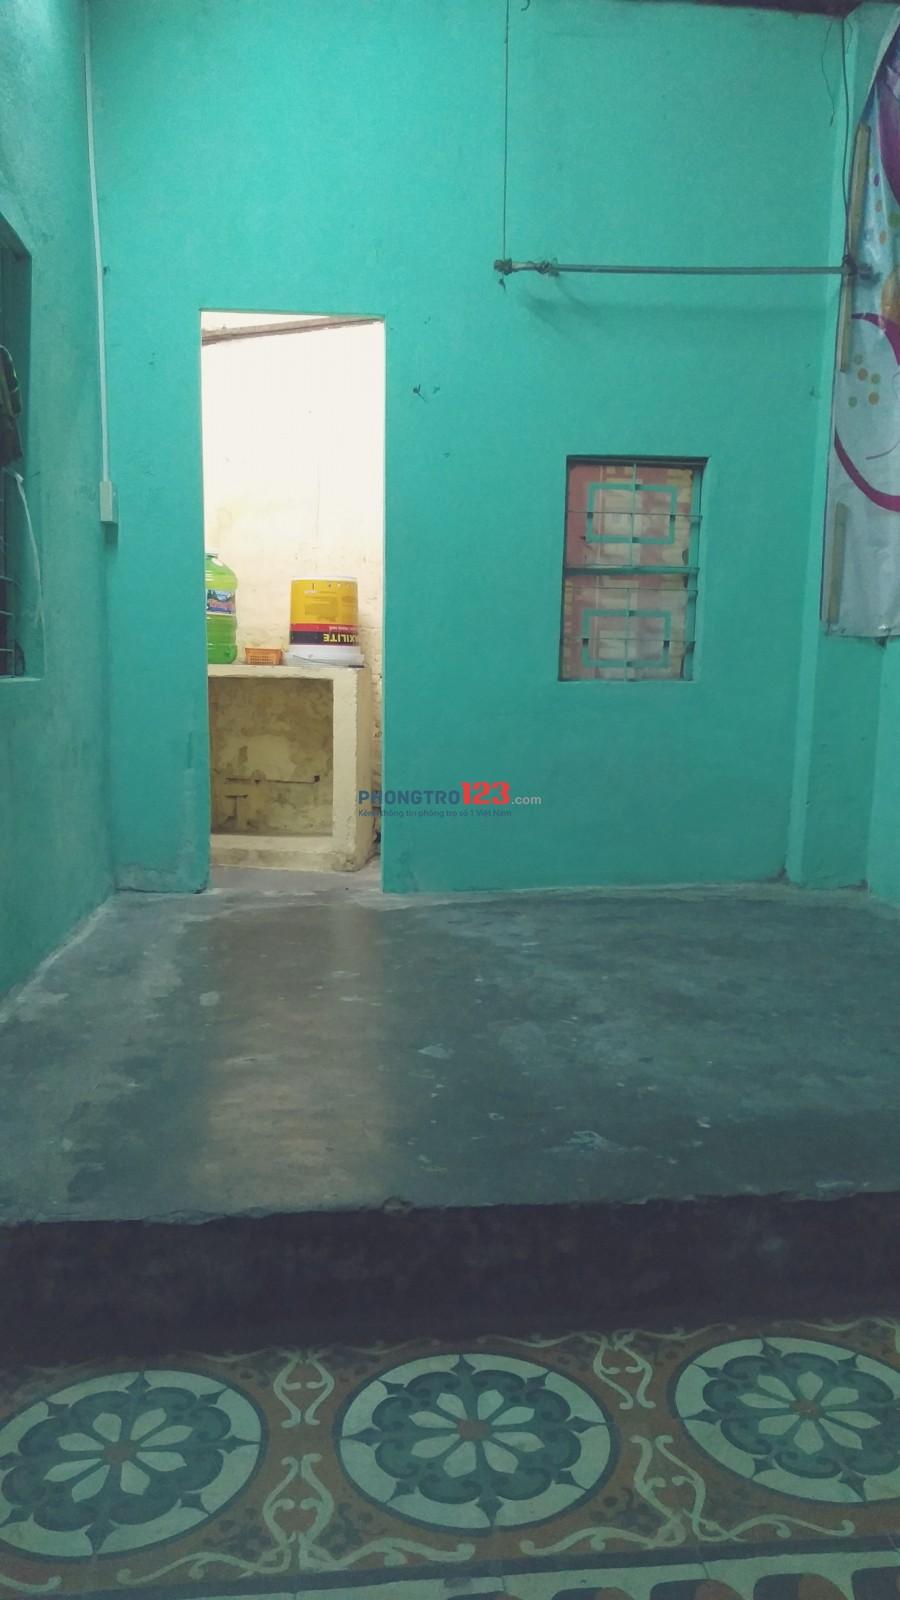 Phòng trọ cho thuê giá chỉ 600k tại K391/h44/33 Đường Trần Cao Vân, Quận Thanh Khê, Đà Nẵng